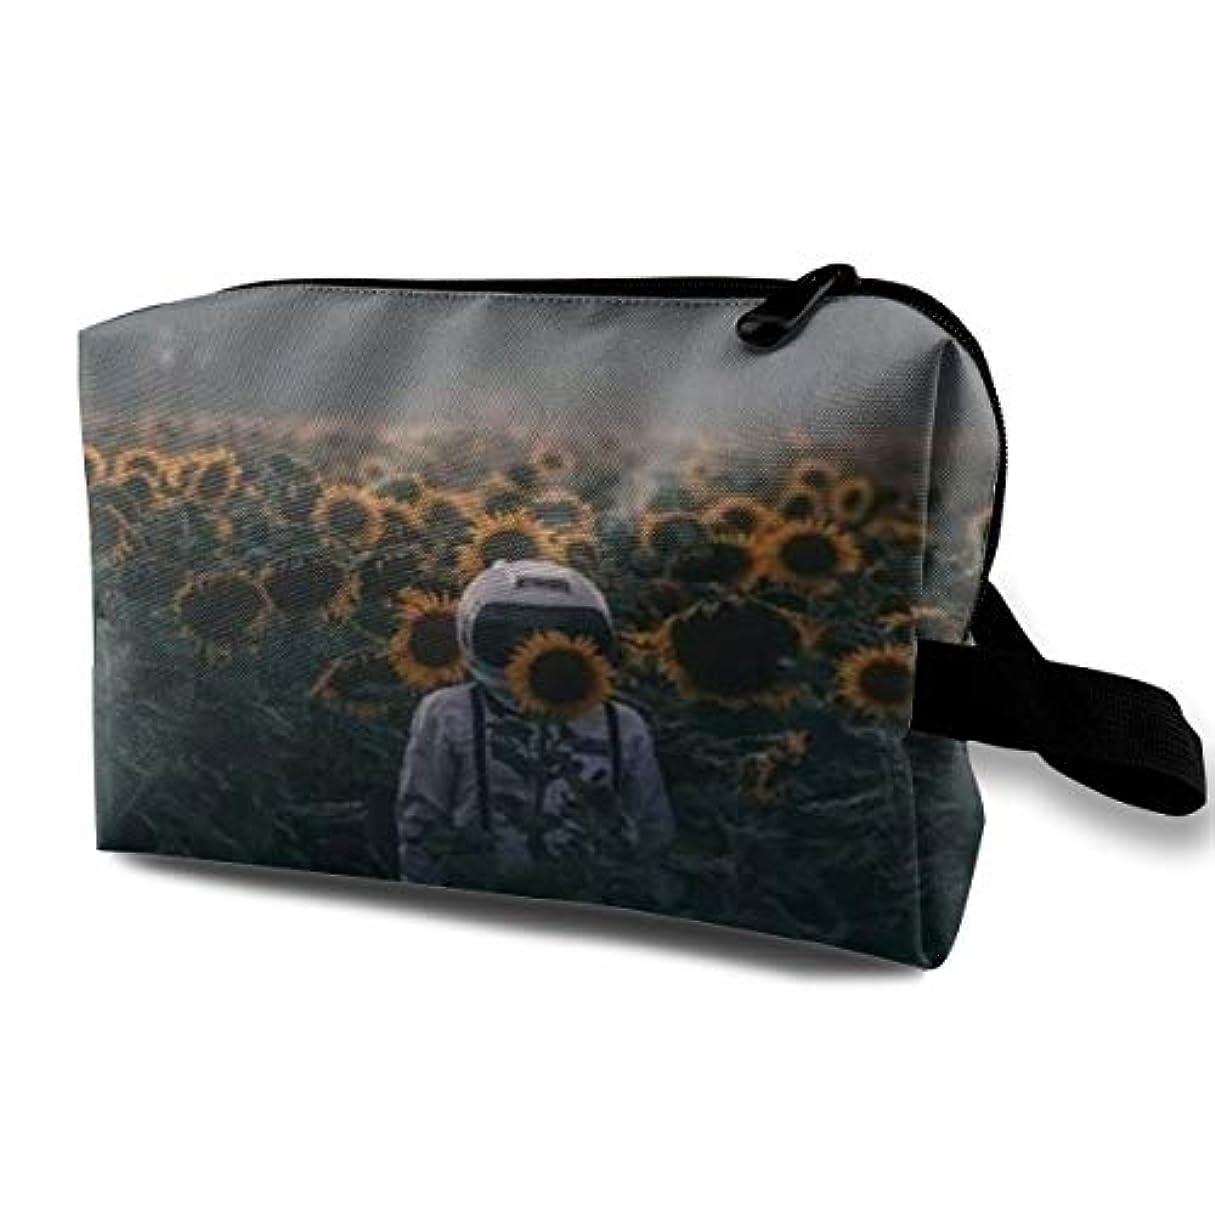 制限するハードリング雇用者Astronaut With Sunflower 収納ポーチ 化粧ポーチ 大容量 軽量 耐久性 ハンドル付持ち運び便利。入れ 自宅・出張・旅行・アウトドア撮影などに対応。メンズ レディース トラベルグッズ